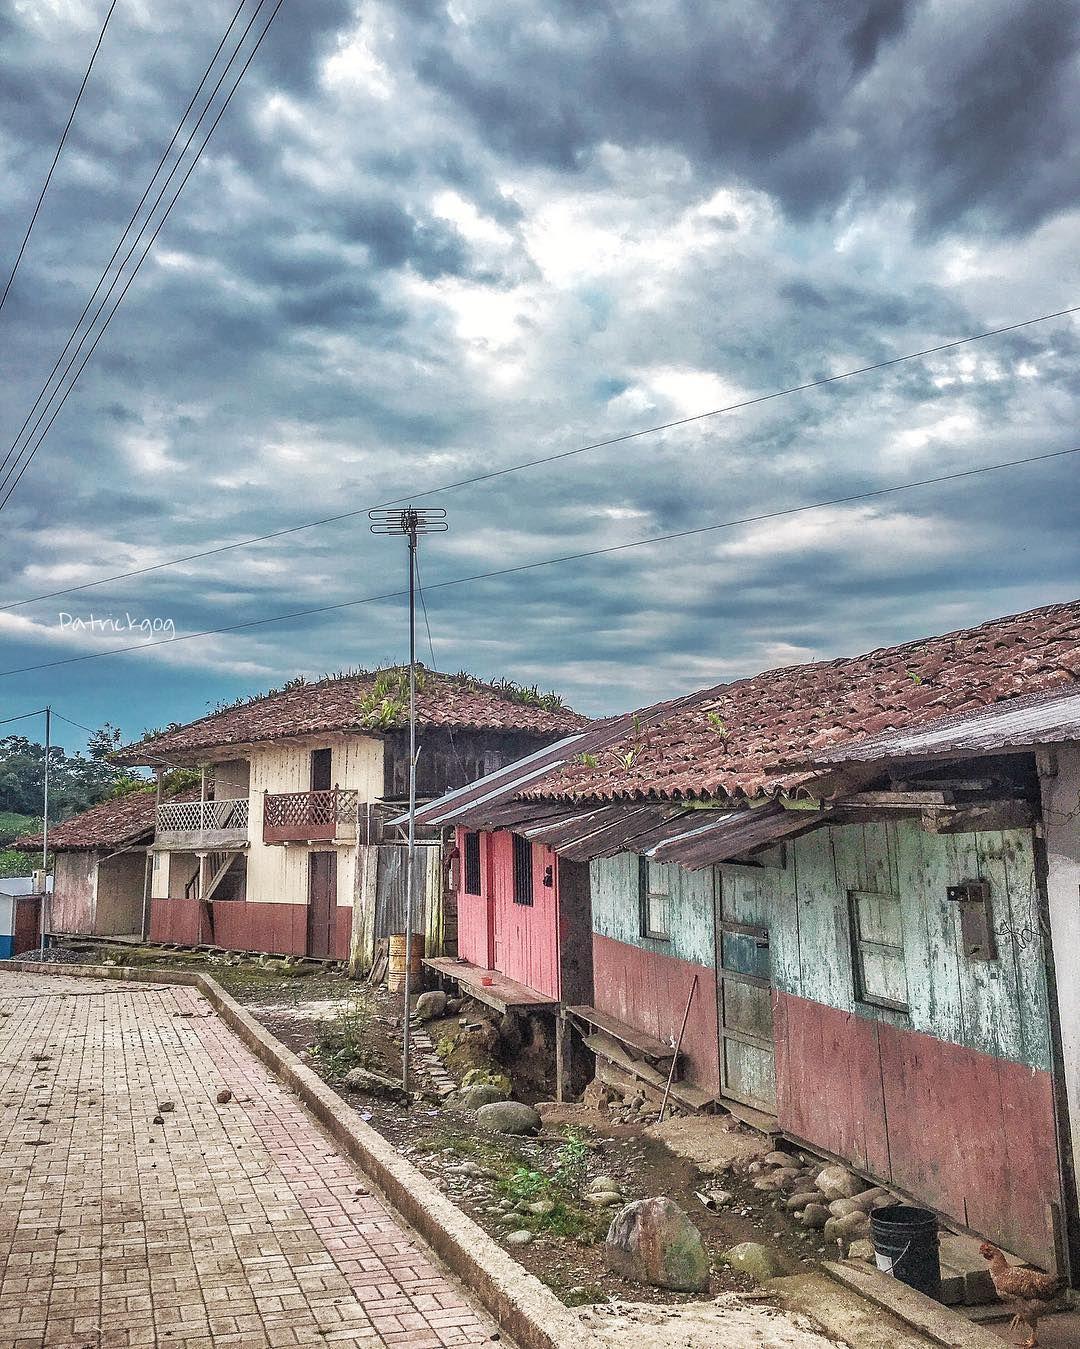 Caserío Zhidmad en #Mendez #MoronaSantiago #Ecuador #AllYouNeedIsEcuador #iPhone #street by patrickgog